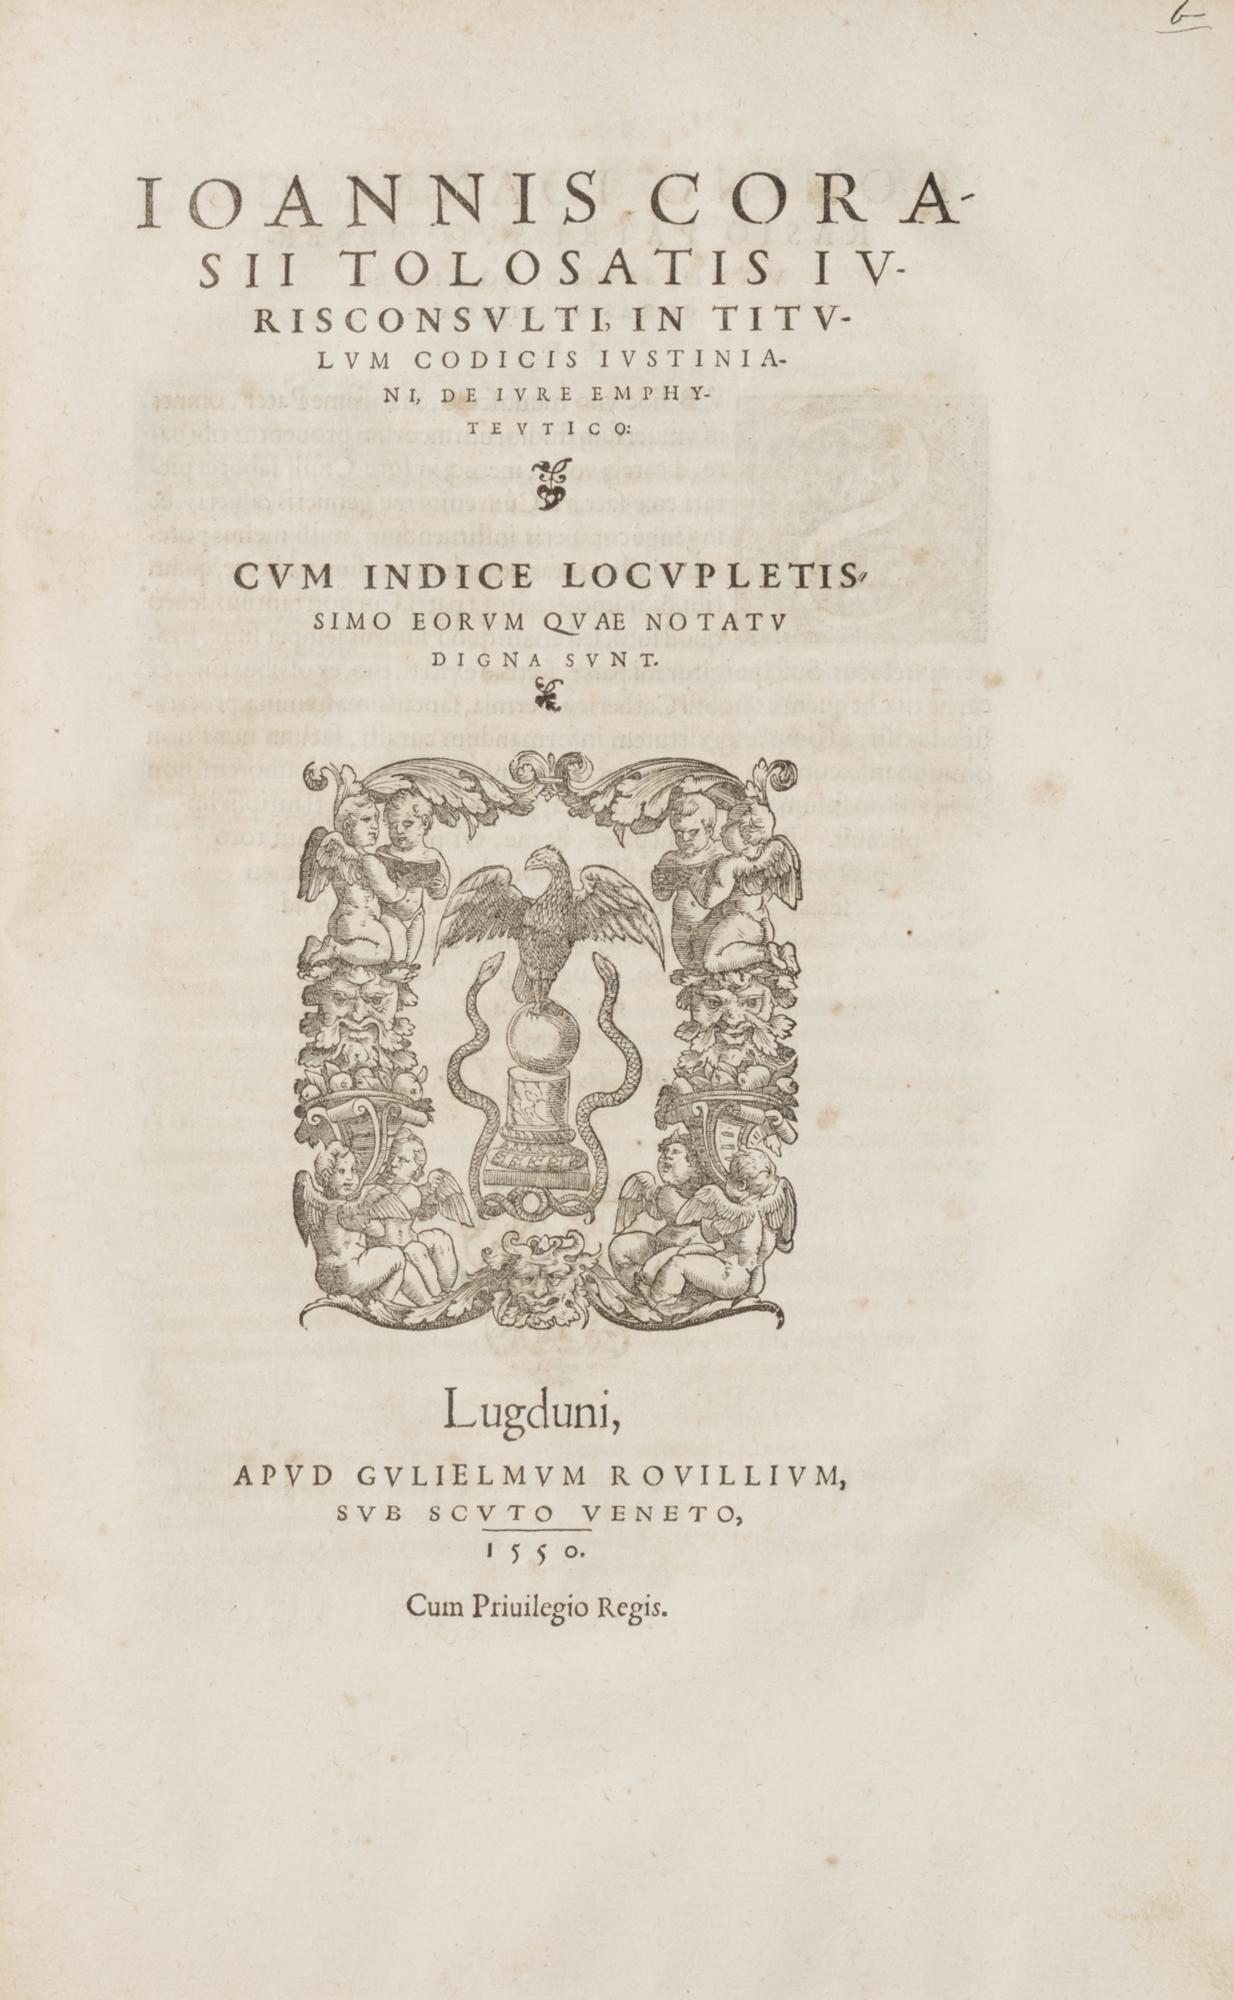 In nobilissimum titulum Pandectarum, De verbor. obligationibus, scholia